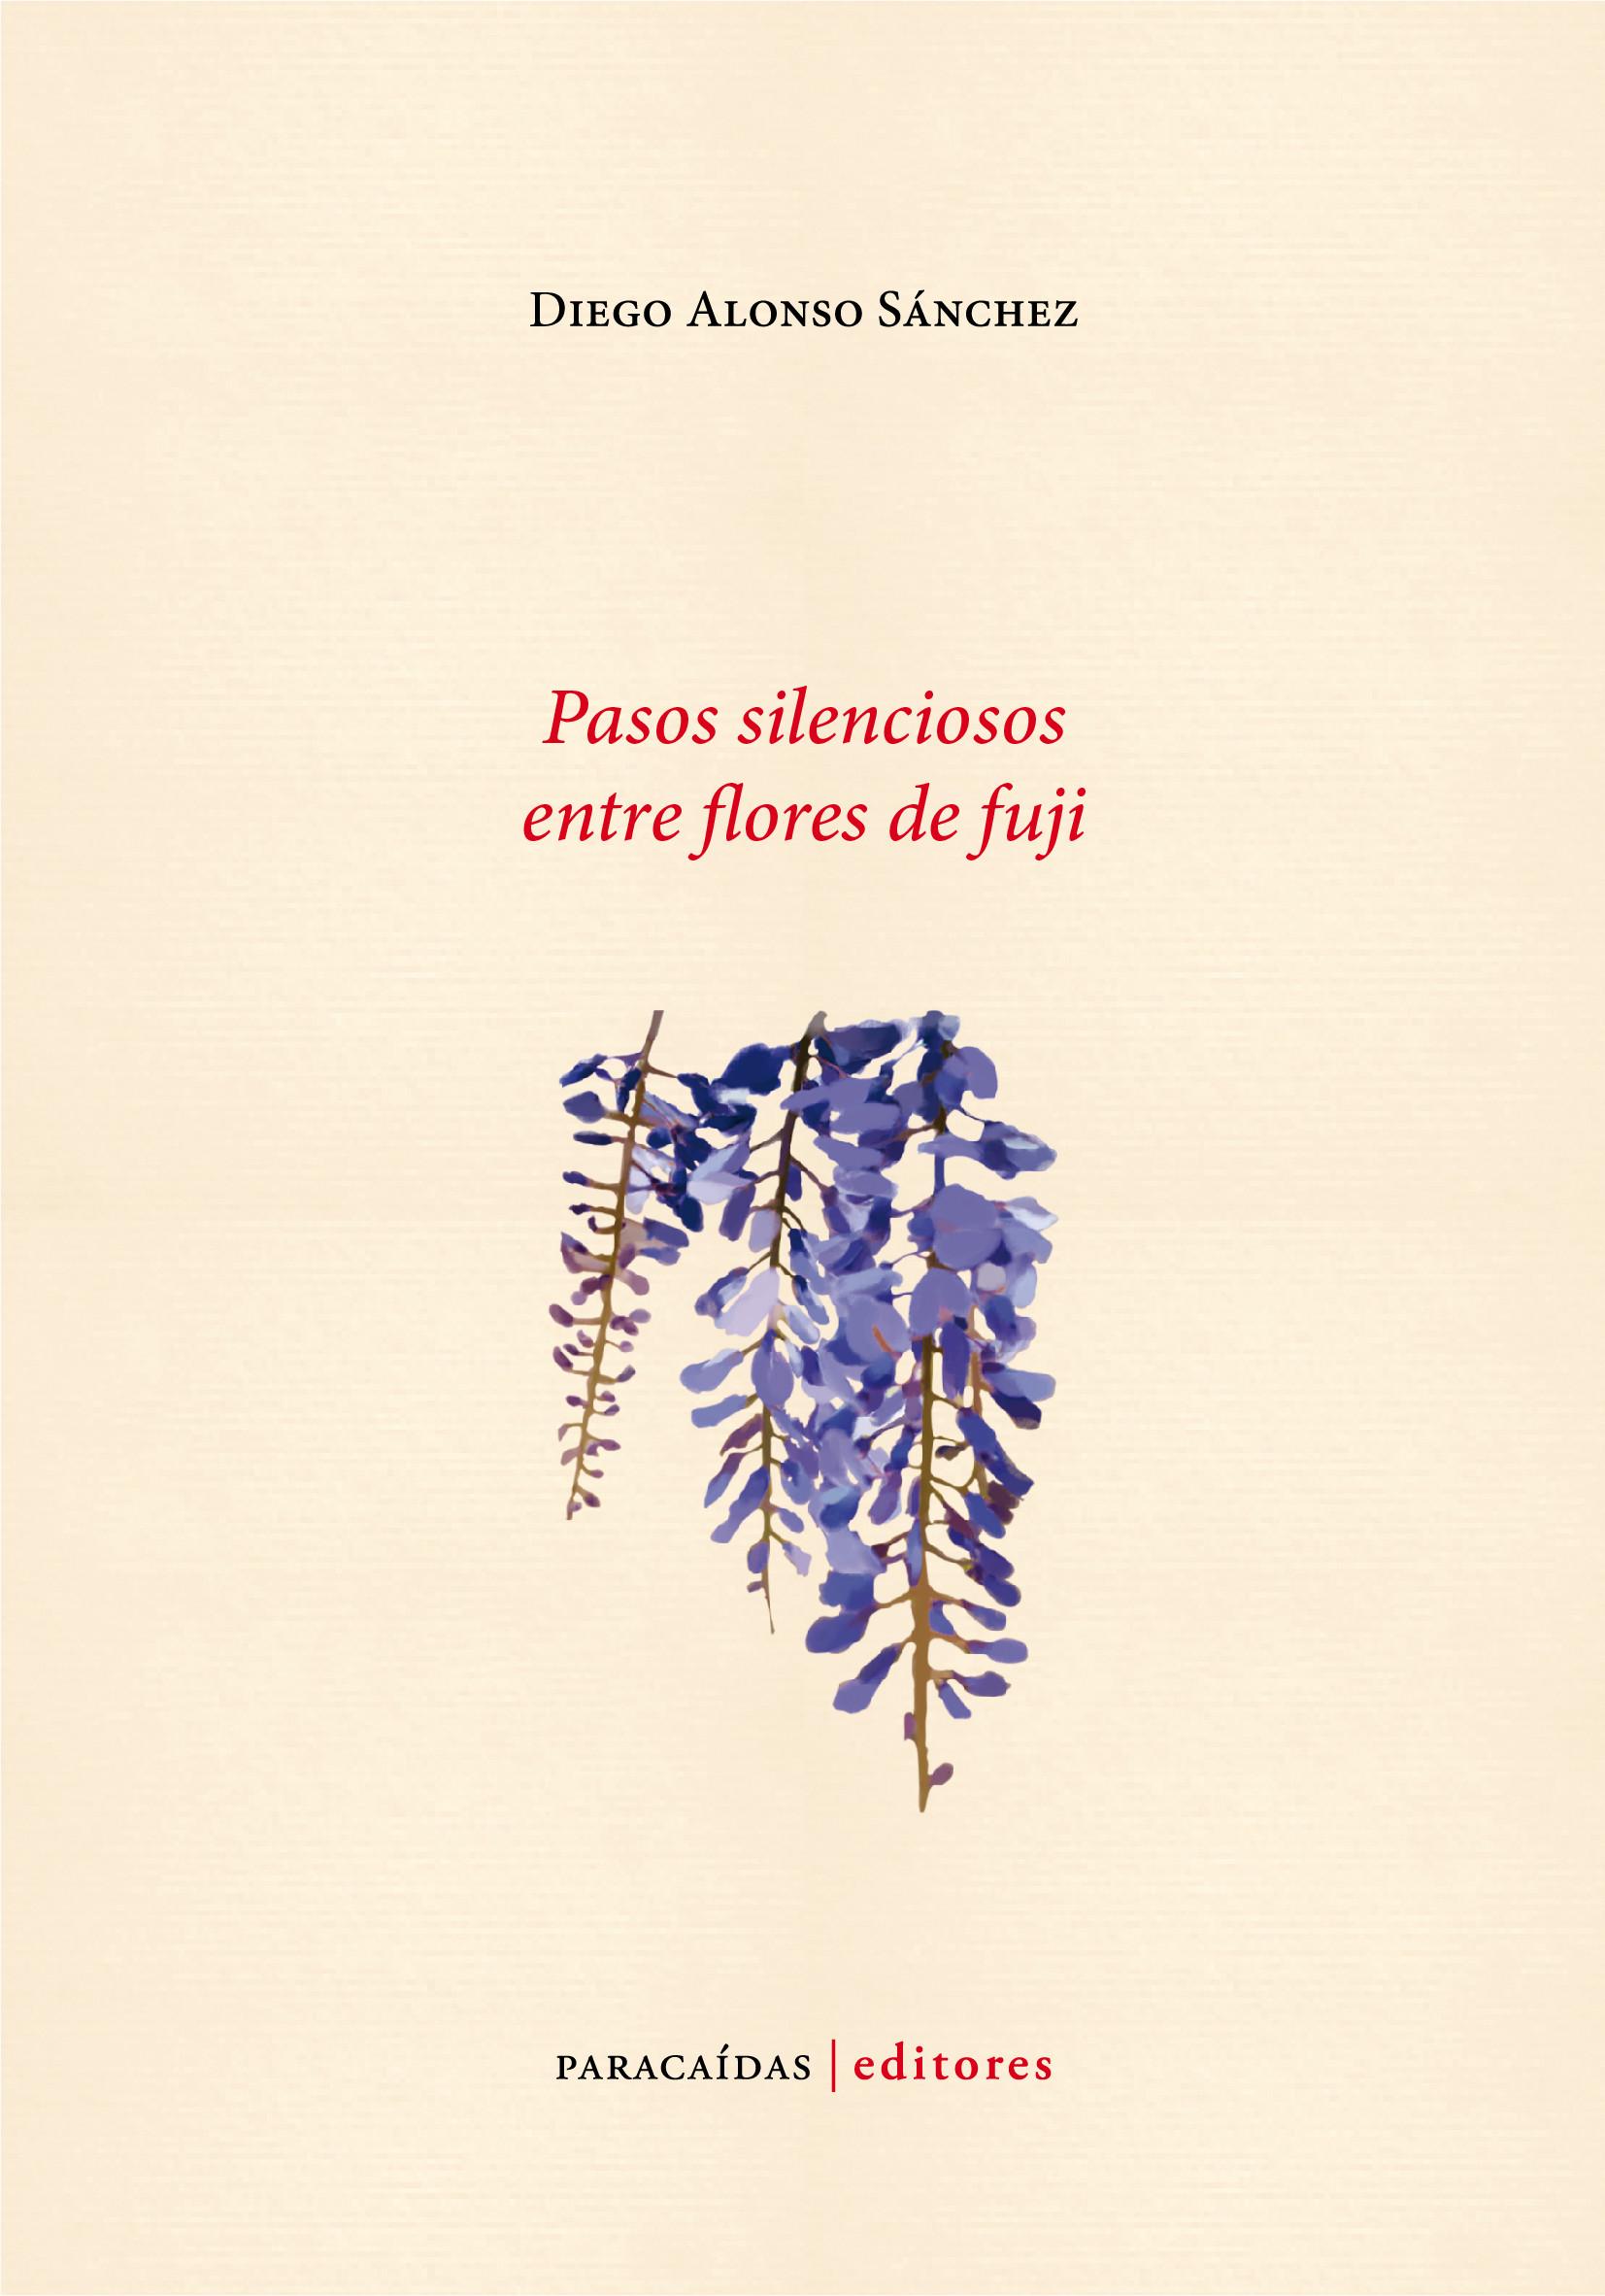 Pasos silenciosos entre flores de fuji